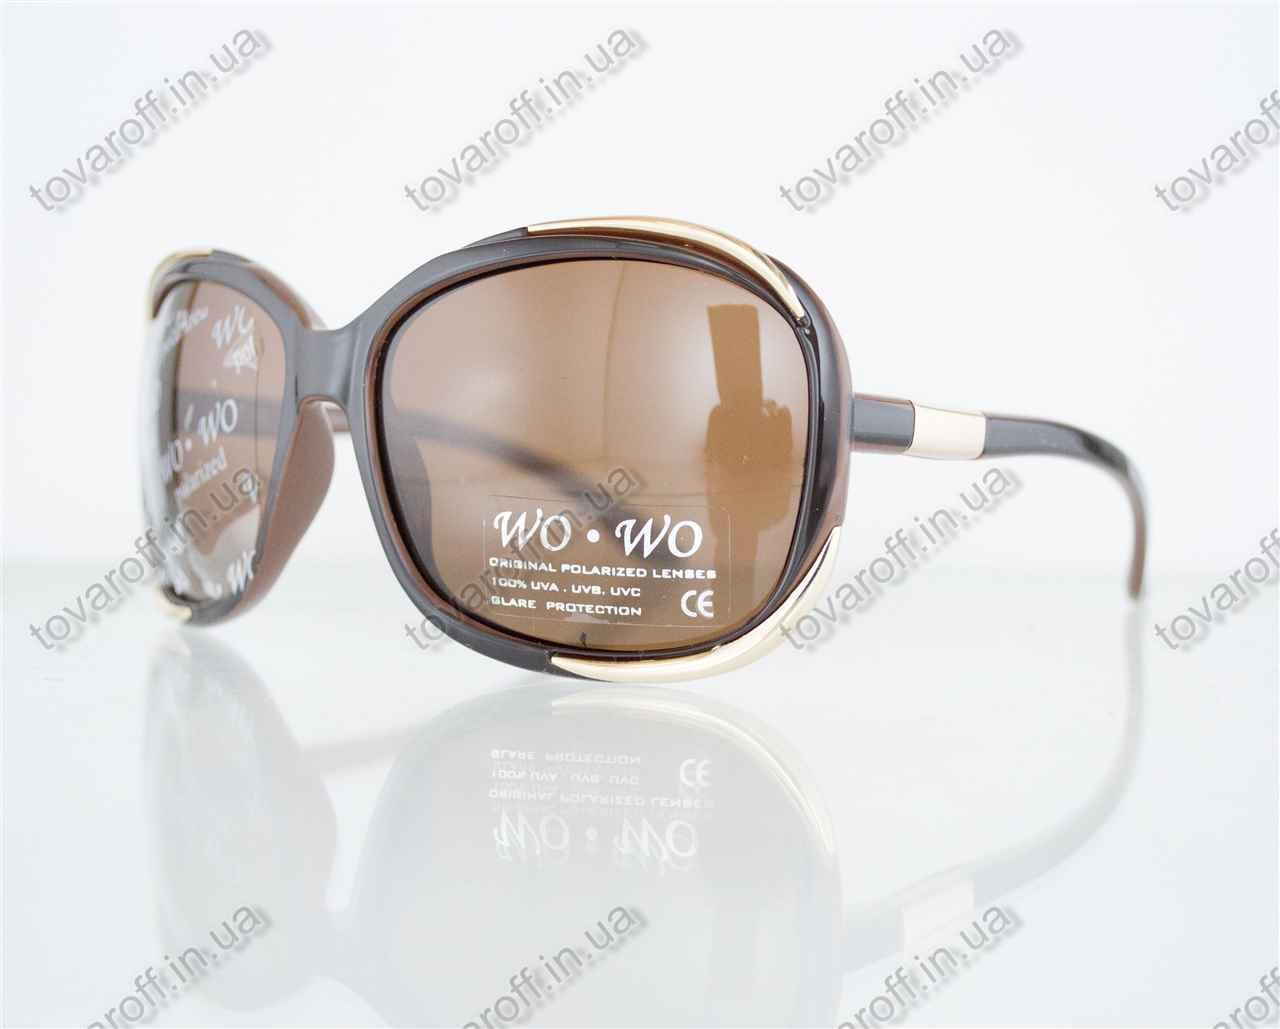 Оптом очки женские солнцезащитные поляризационные - Коричневые - 8140